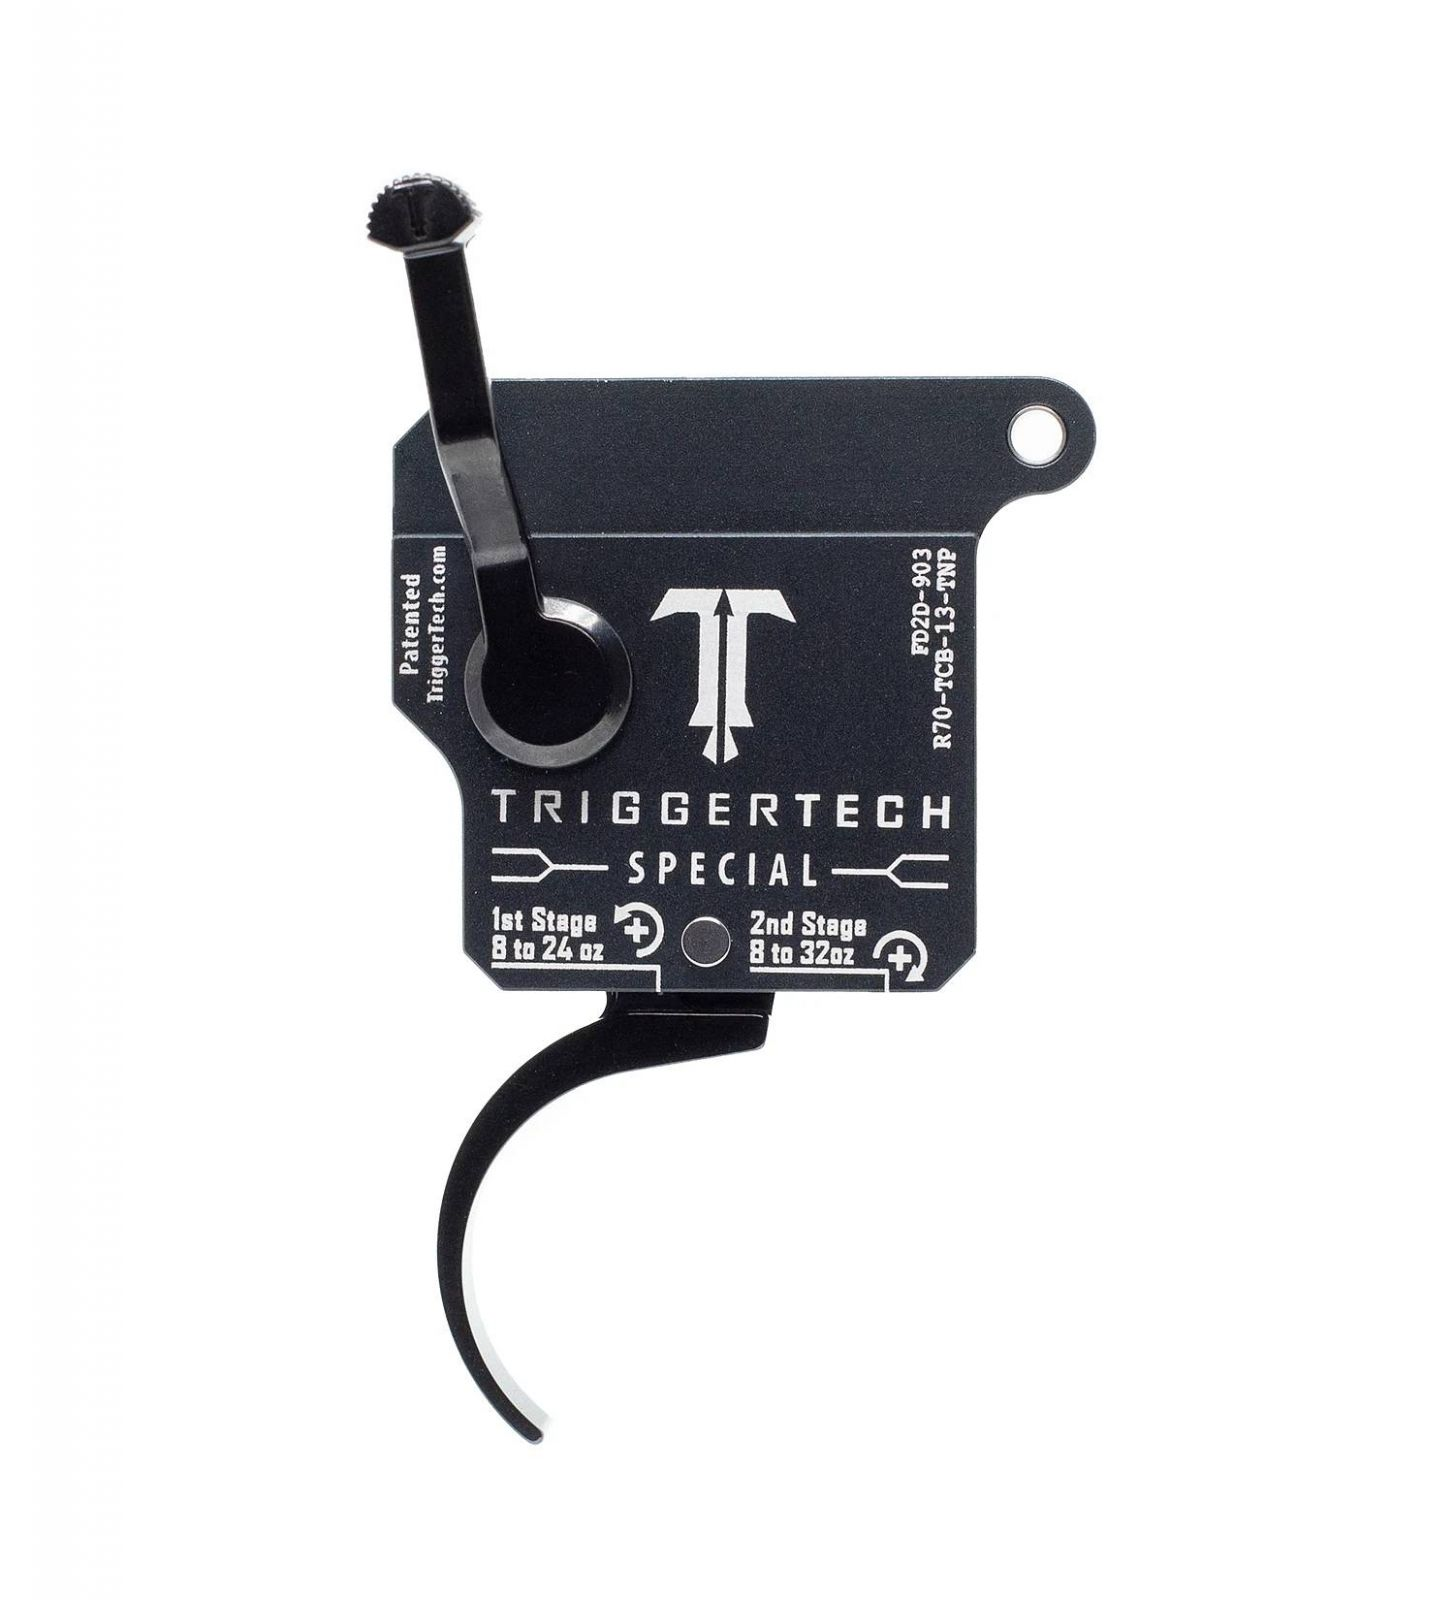 Spoušť Triggertech 2-stage Special pro Remington klony - zaoblená PRO, černá